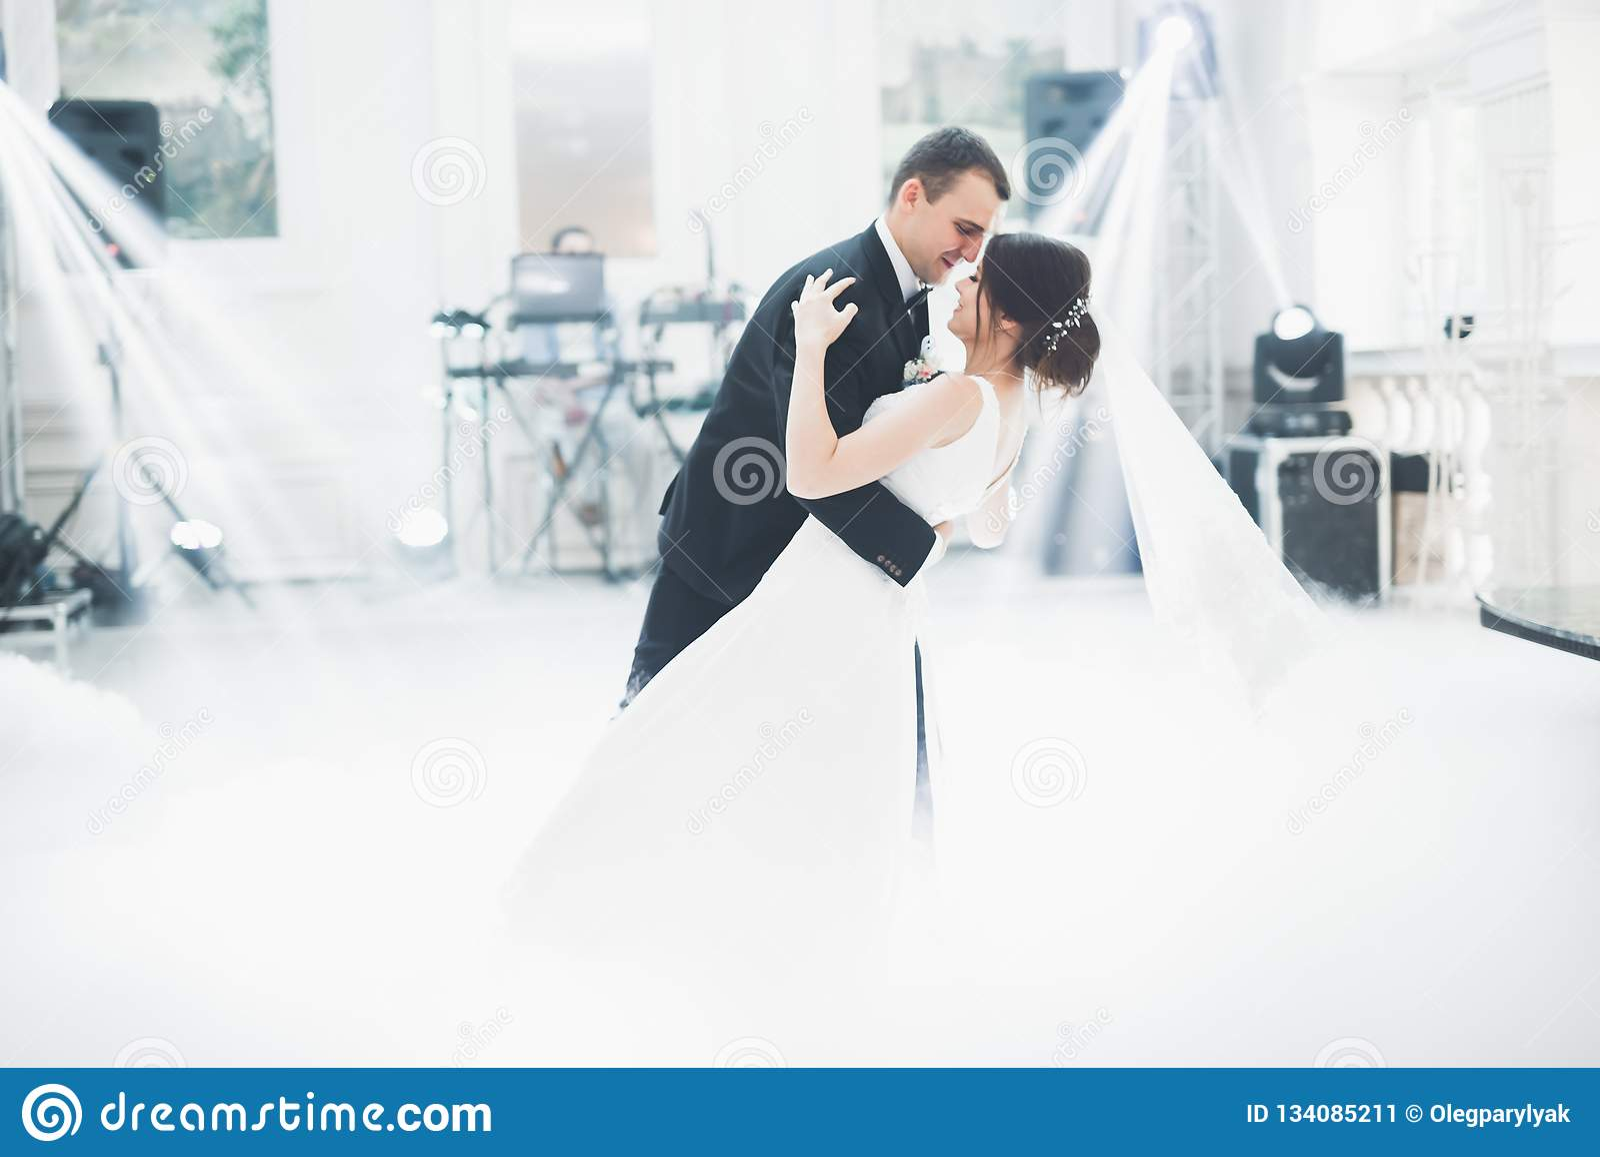 Les beaux couples les épousant se sont juste mariés et dansant leur première danse